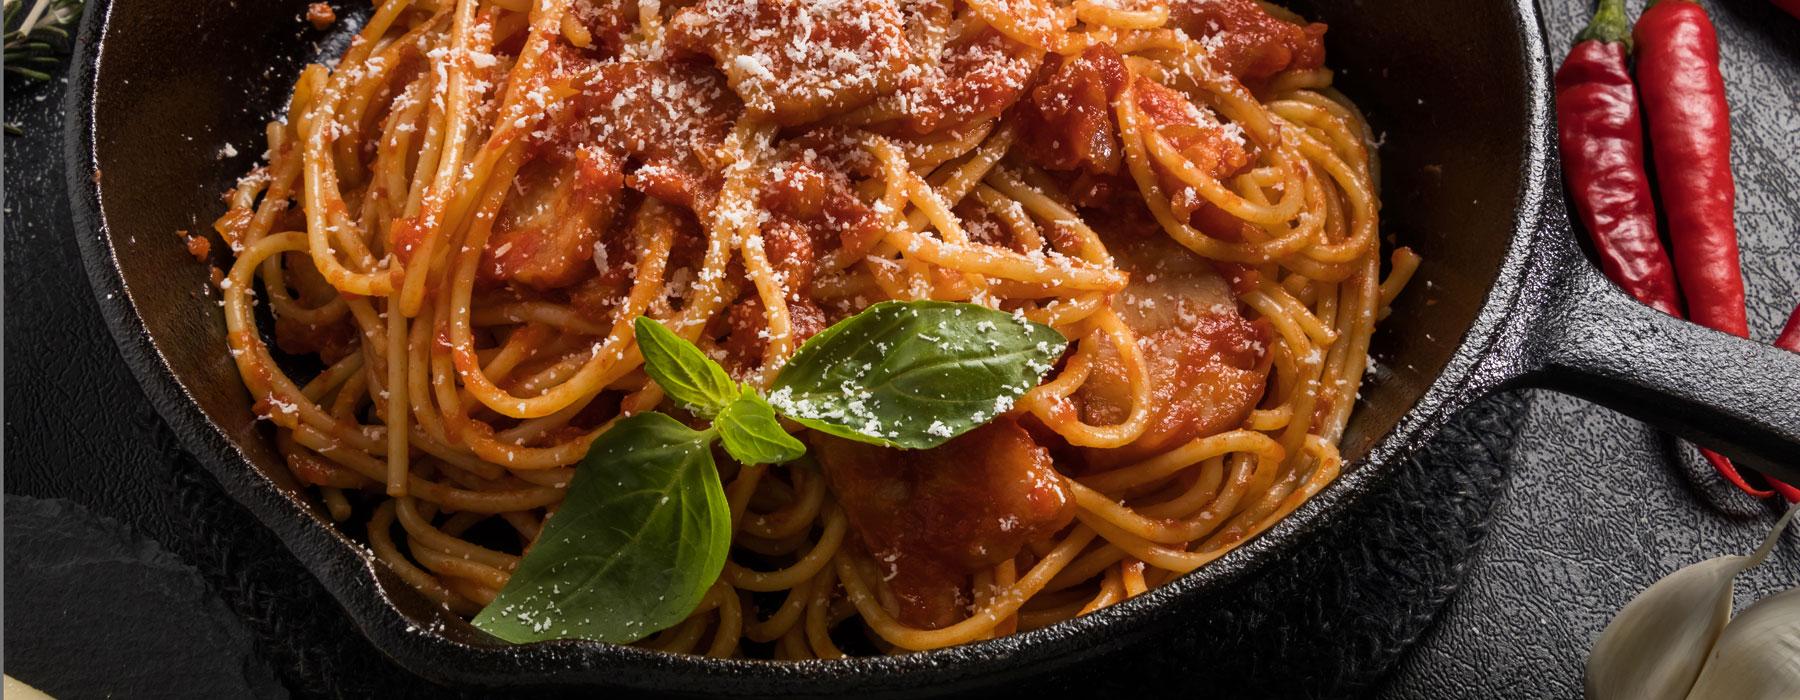 Piatti tipici italiani roma for Roma piatti tipici